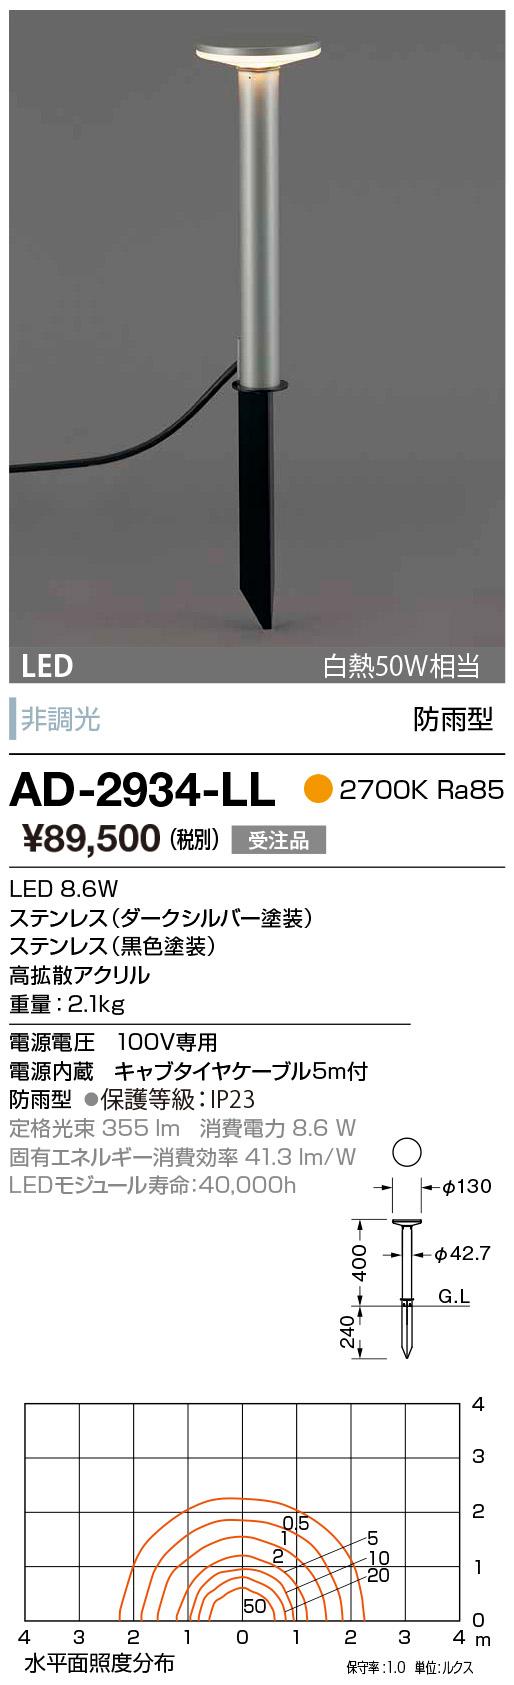 山田照明 照明器具エクステリア LED一体型スーパースリムガーデンライト下方配光 電球色 白熱50W相当非調光 防雨型AD-2934-LL